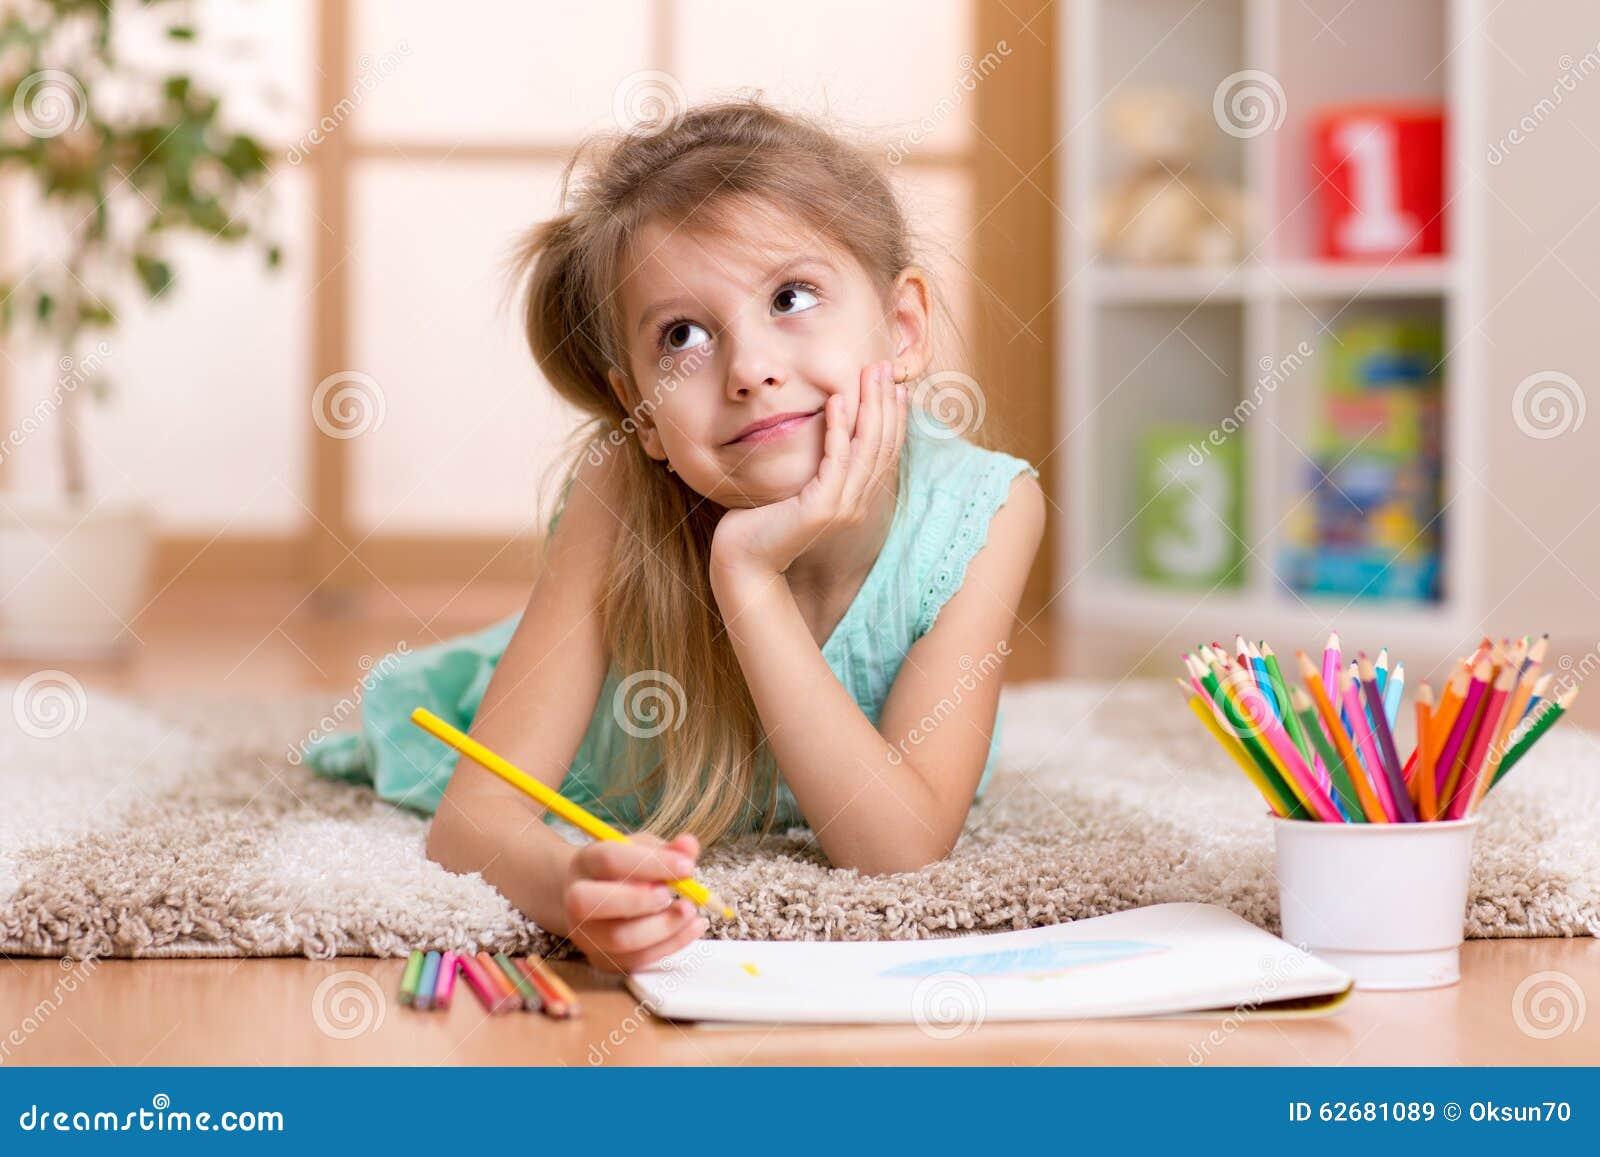 dessin r veur de fille d 39 enfant avec des crayons de couleur image stock image du enfant id e. Black Bedroom Furniture Sets. Home Design Ideas